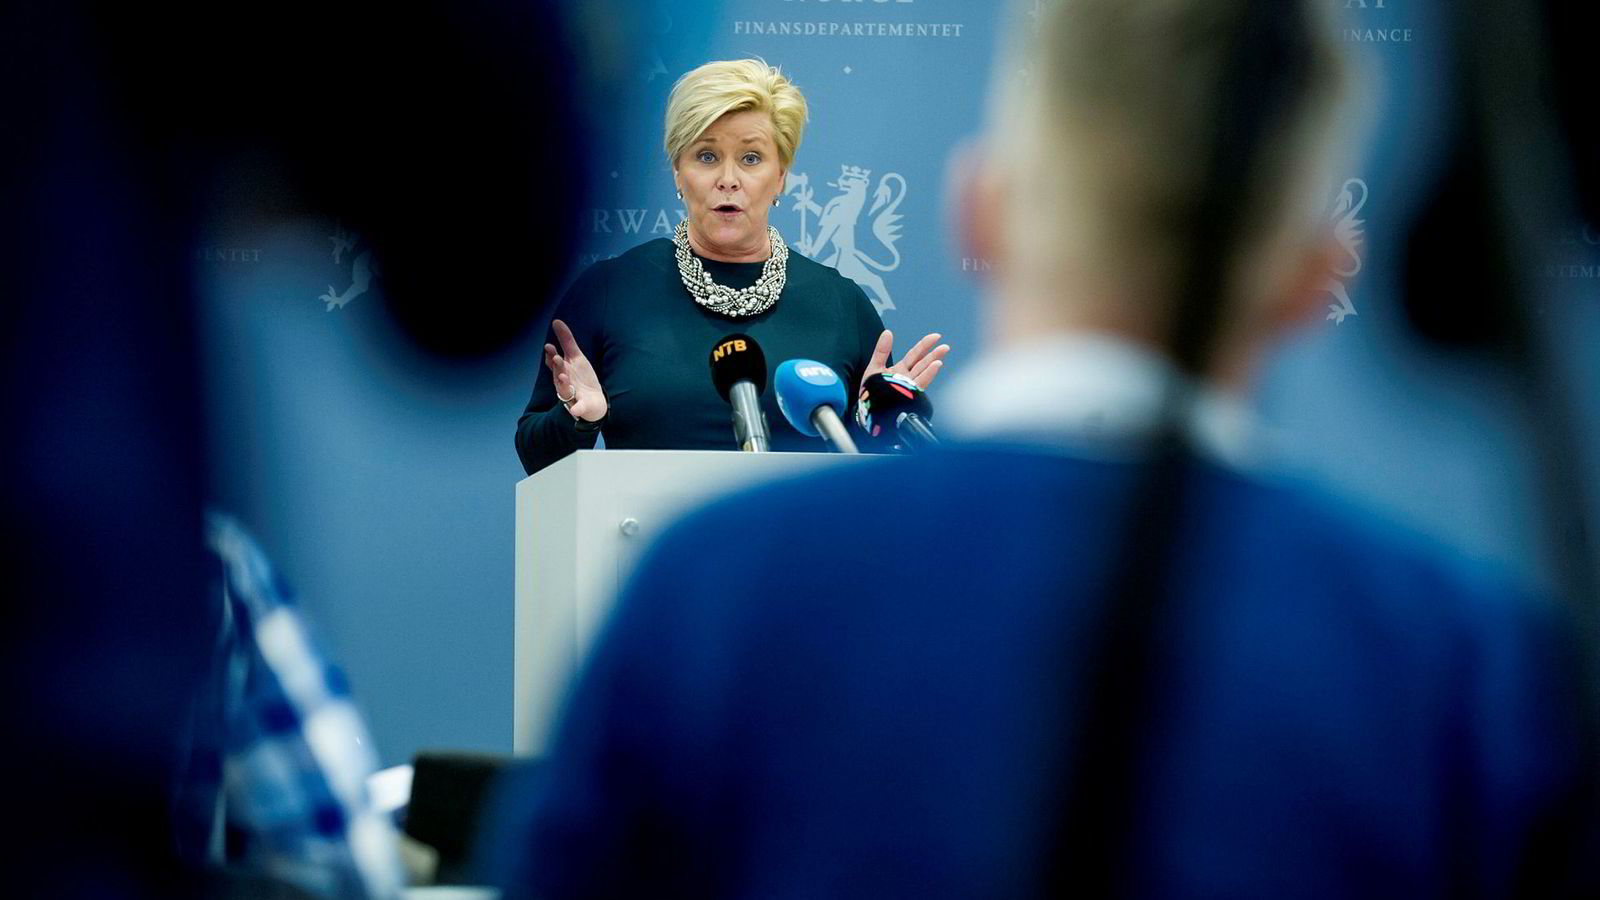 Finansminister Siv Jensen åpner igjen døren på gløtt for investeringer i unotert infrastruktur i Oljefondet, men hennes eget parti er skeptisk.